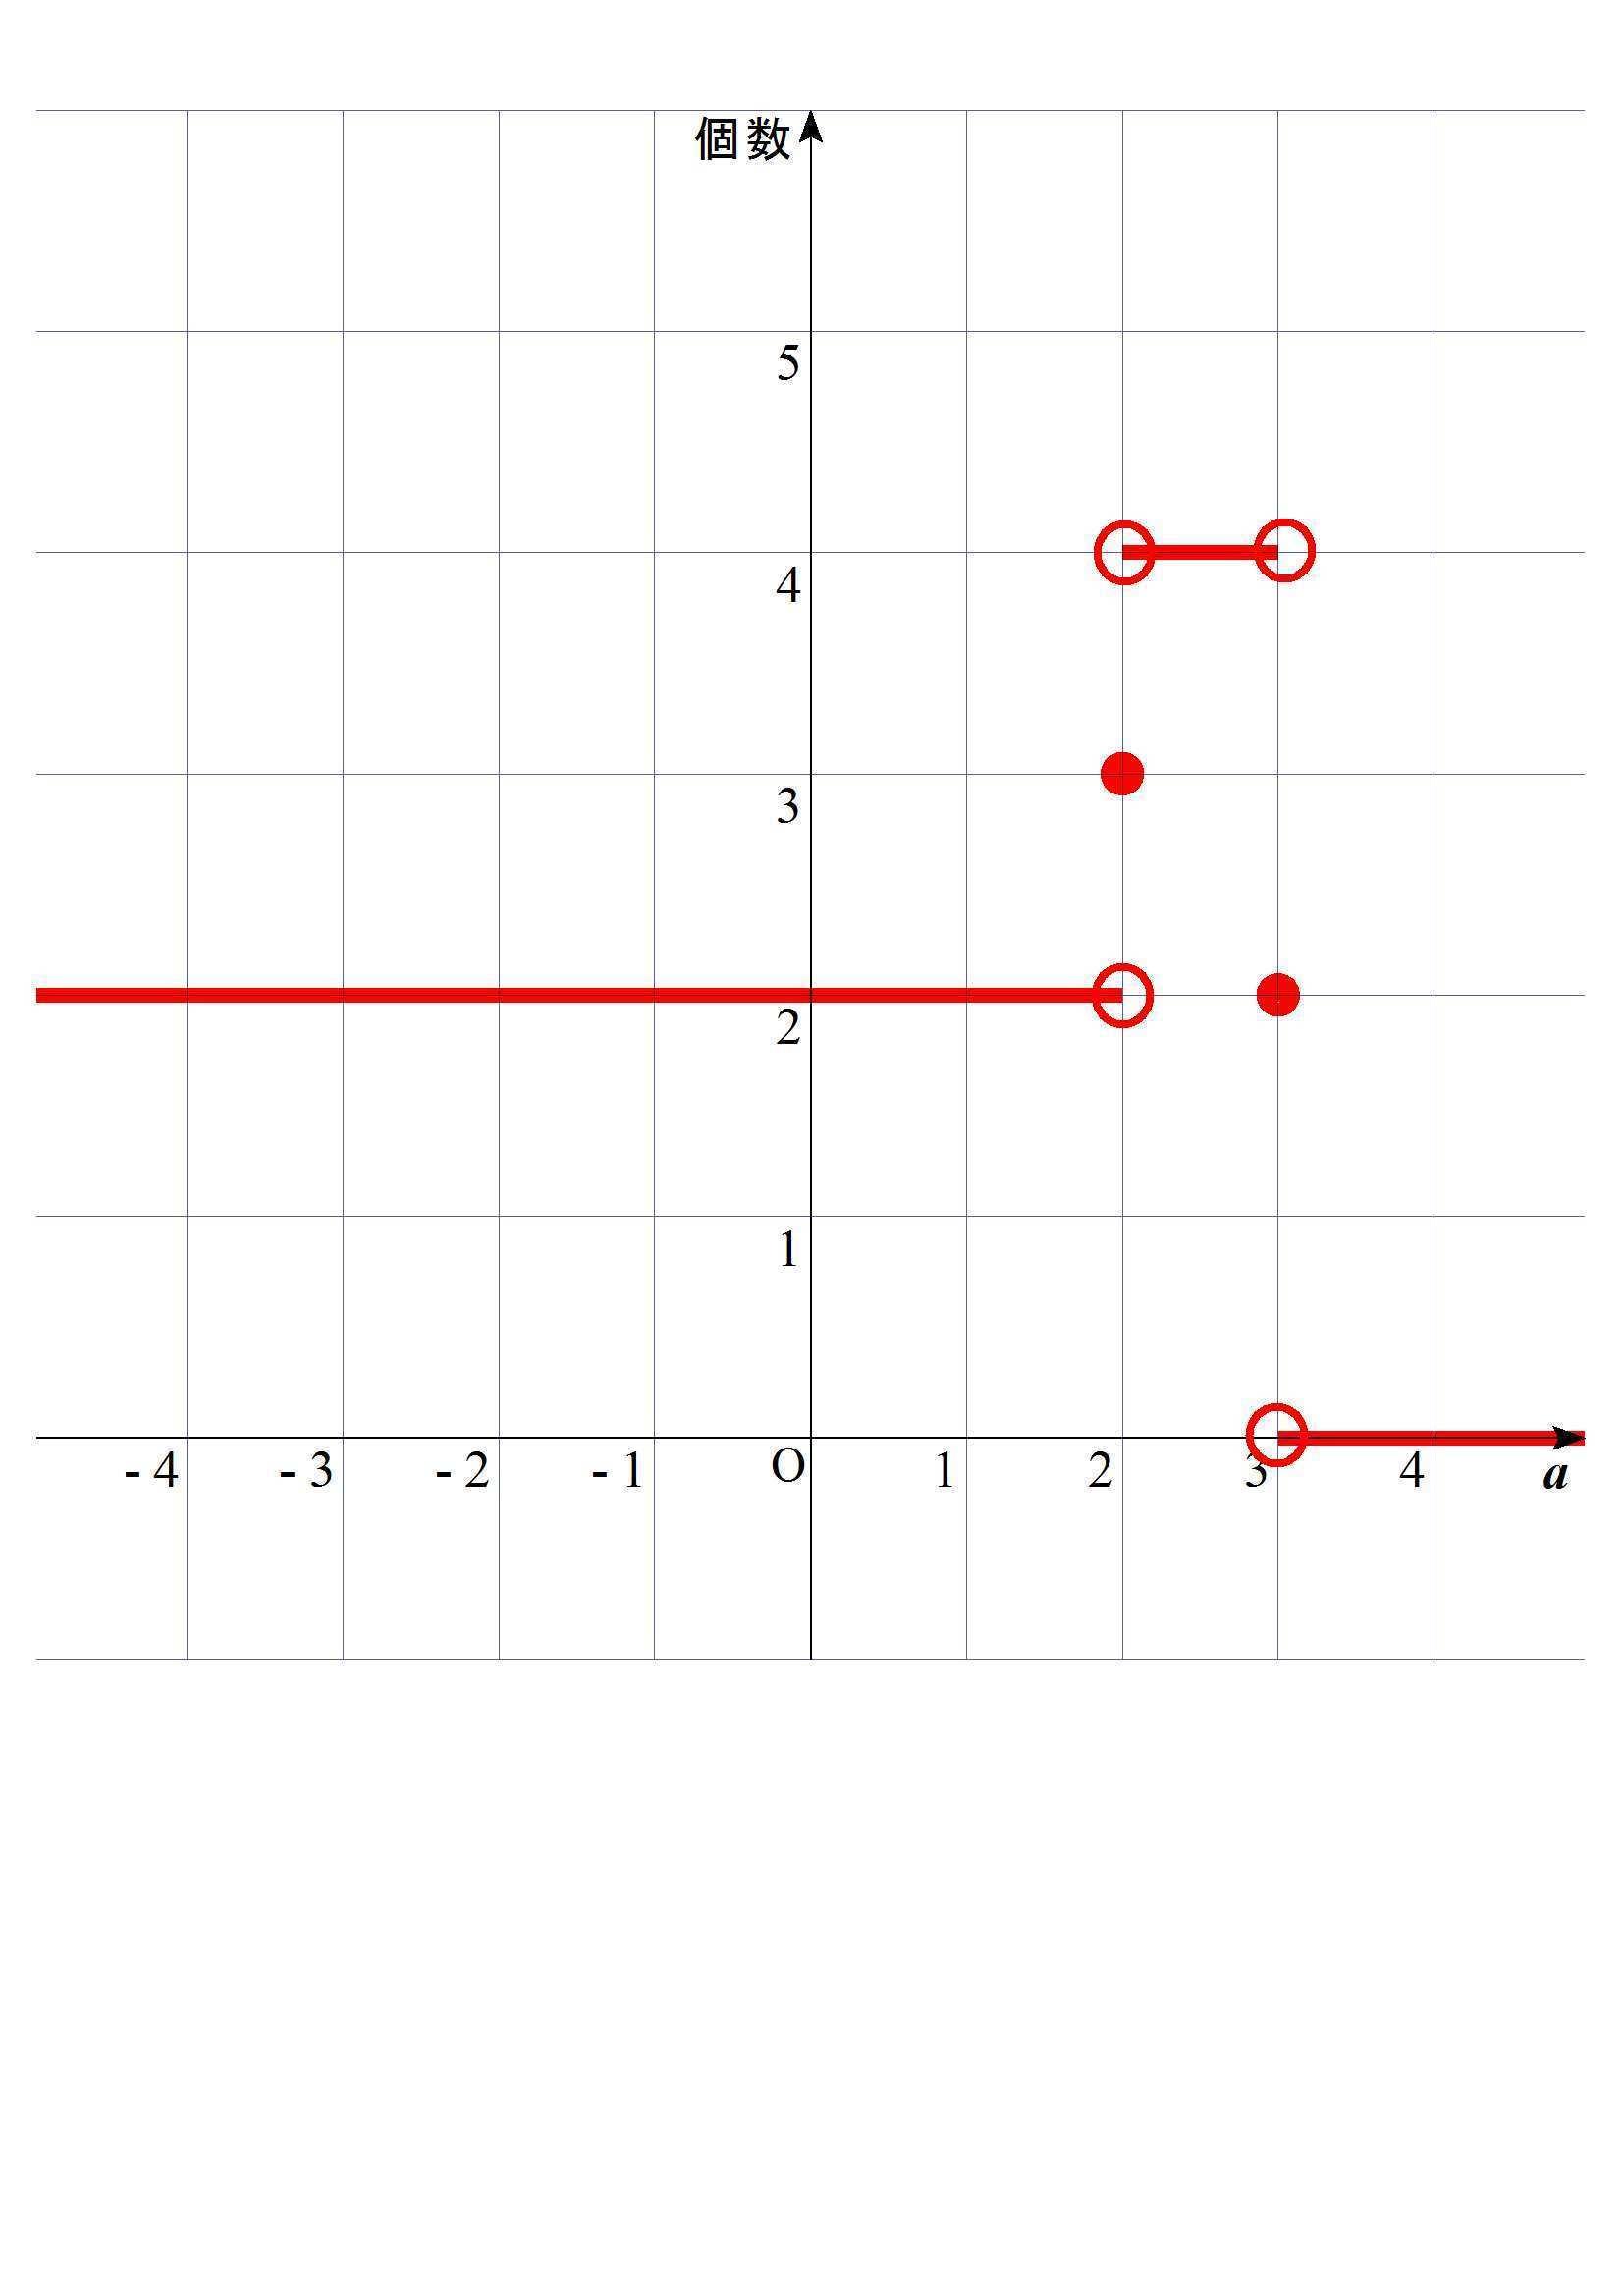 yの実数解は2と0でxの実数解は±√2と0となり、 xの異なる実数解の個数は3。 なお、グラフがaと実数解の個数のグラフなら添付図のようになる。